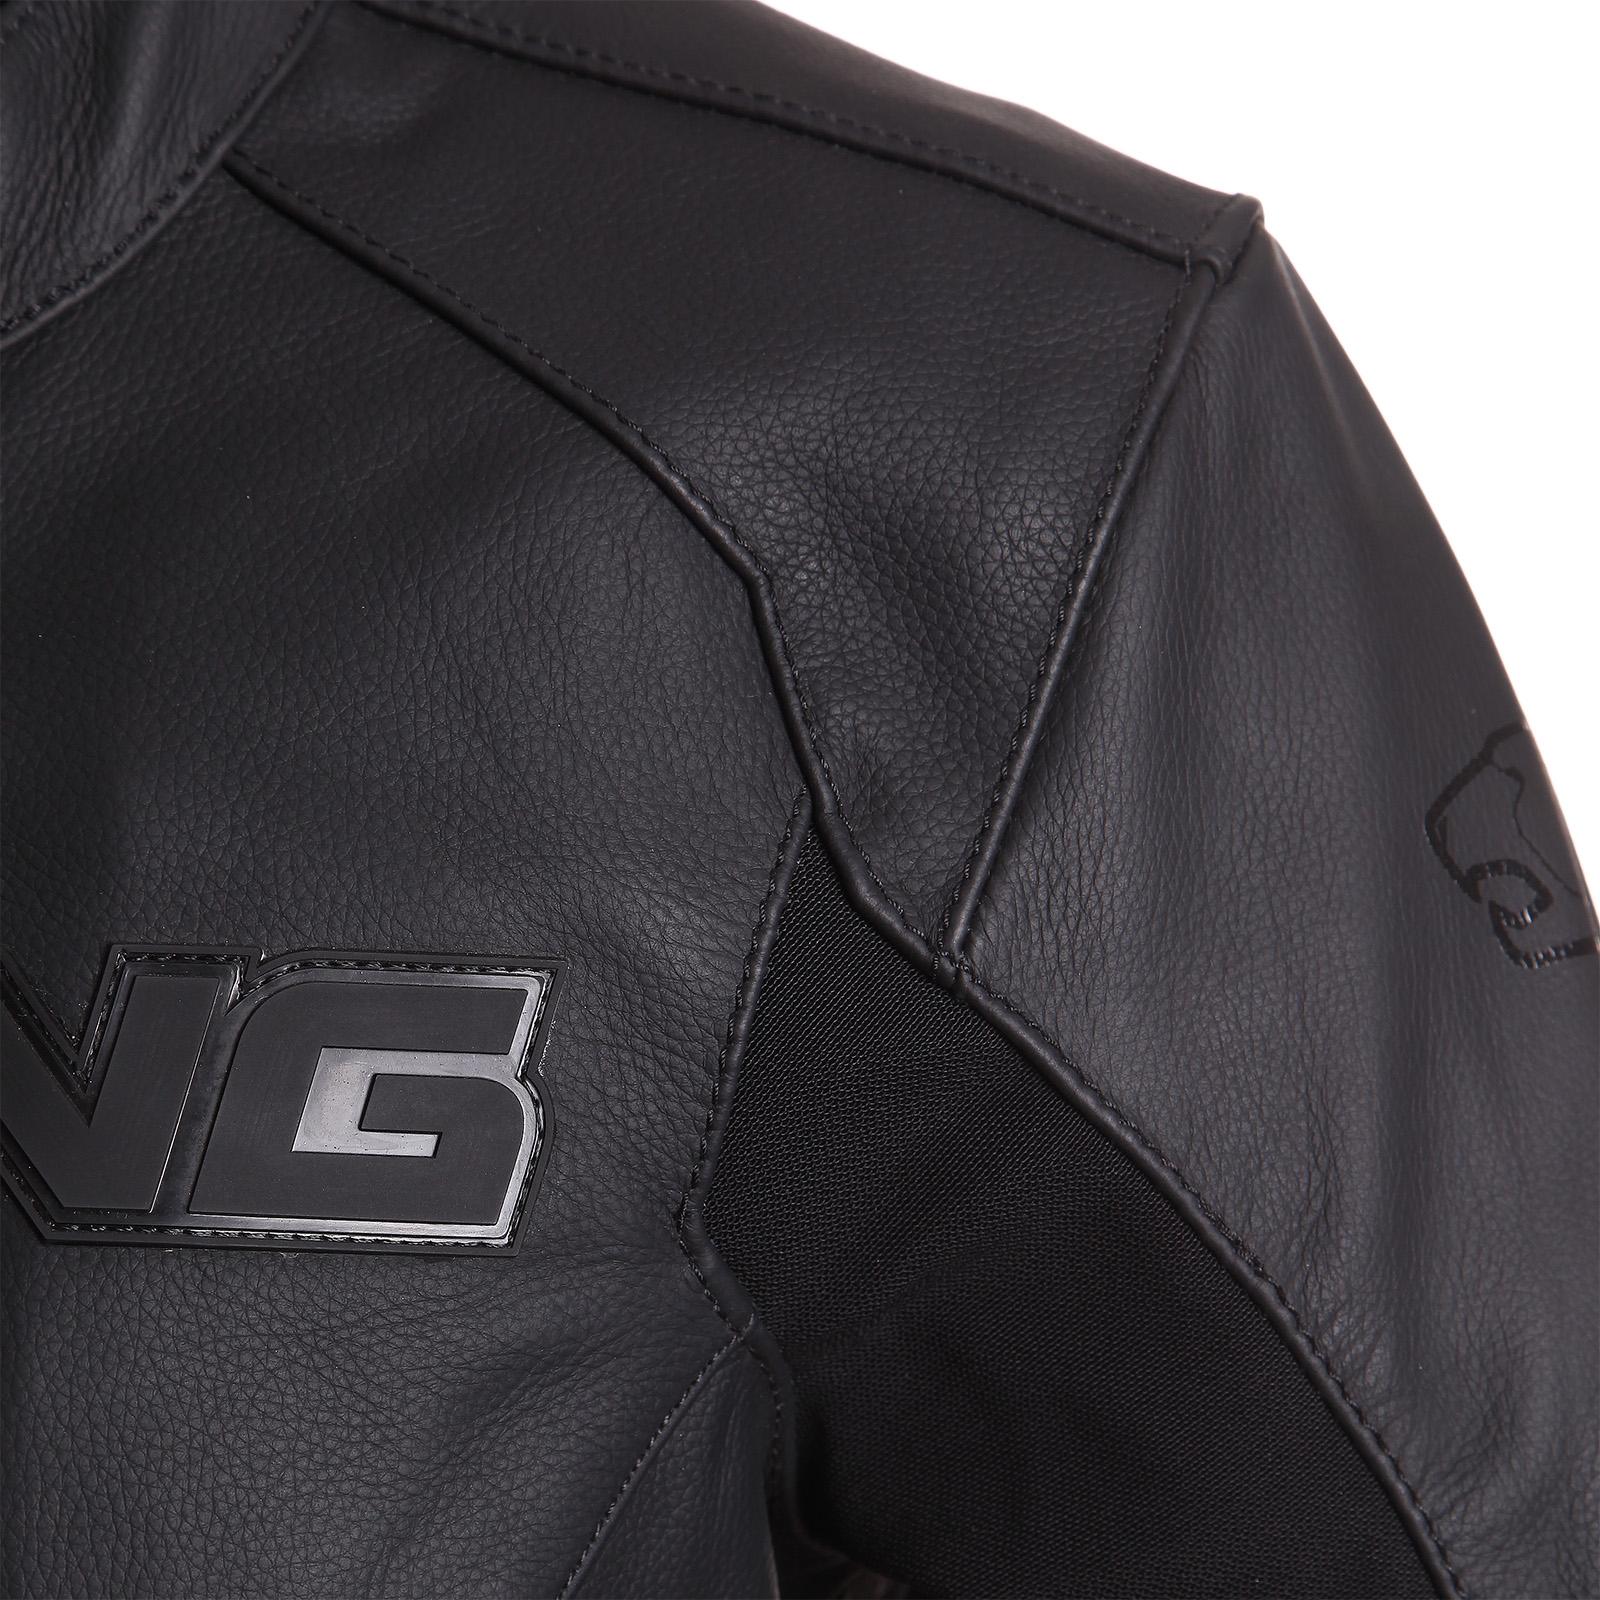 Lady Sawyer - BCB210 - Női bőrdzseki - Bering motoros ruházat - Fokt ... e592702c1c